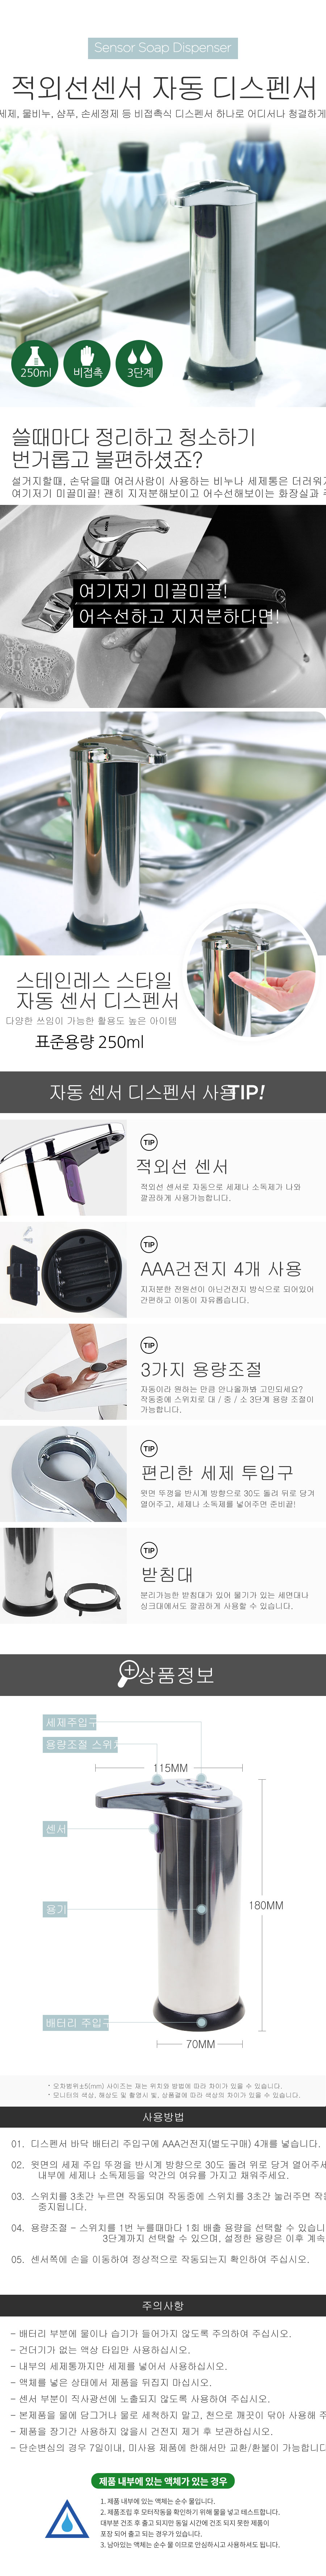 적외선 자동 세제 디스펜서 D1-250 - 골드벙커, 17,600원, 설거지 용품, 주방세제